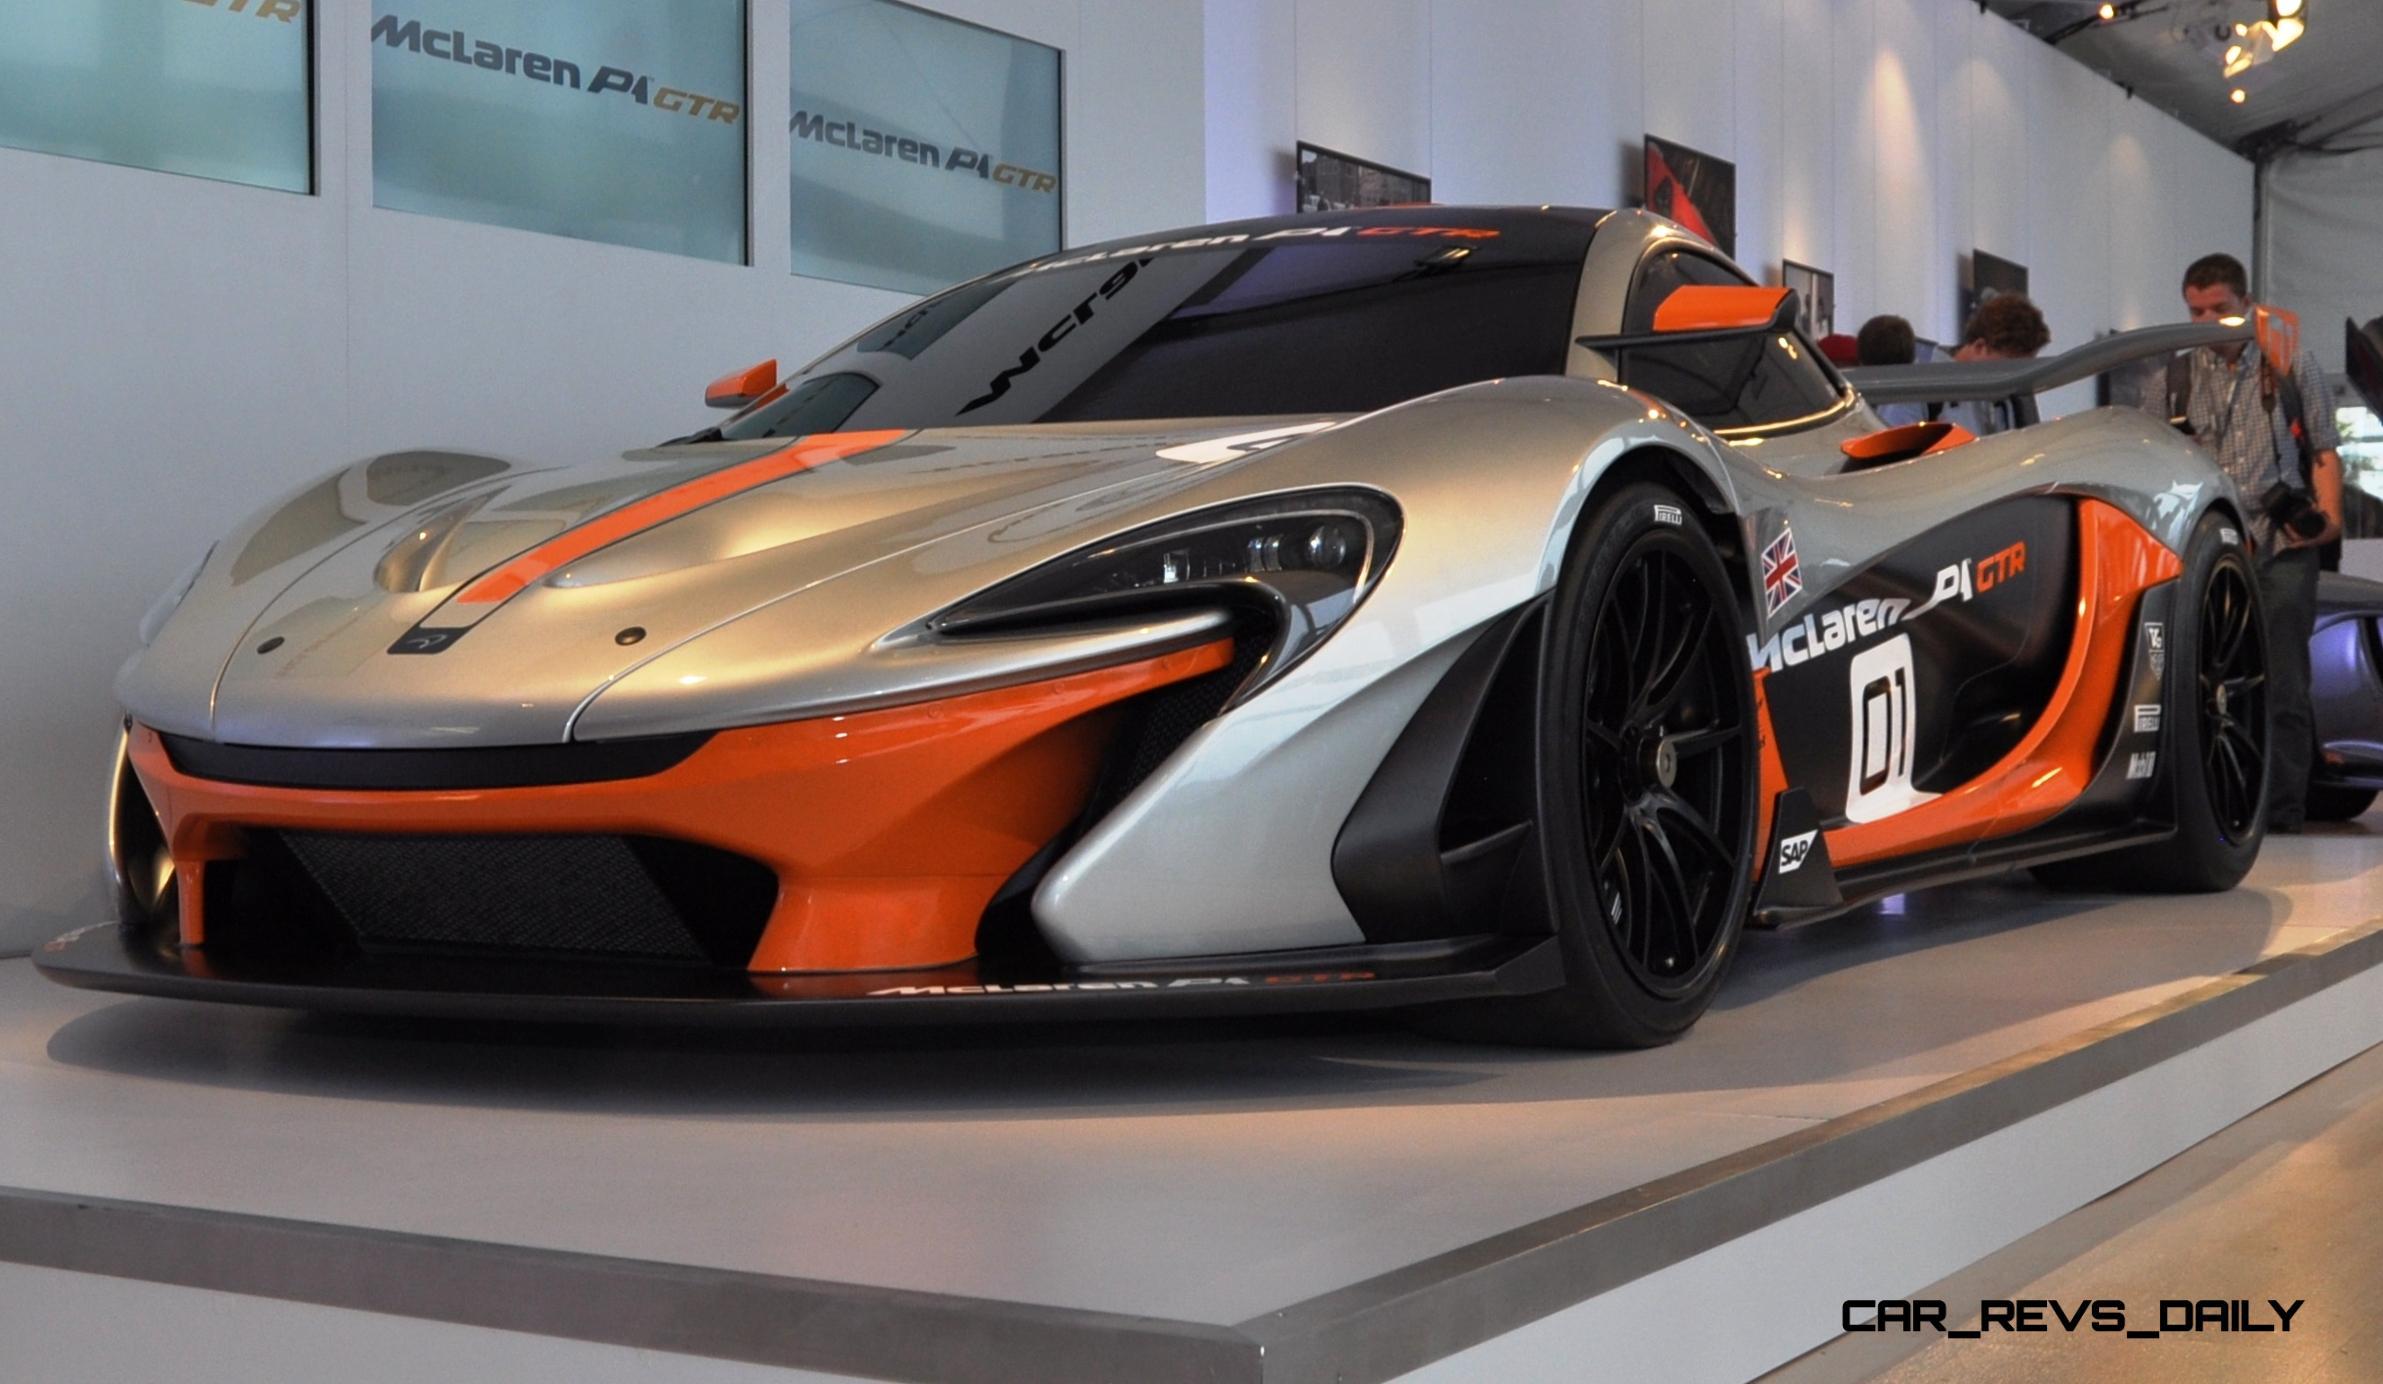 2015 McLaren P1 GTR - Pebble Beach World Debut in 55 High-Res Photos 38